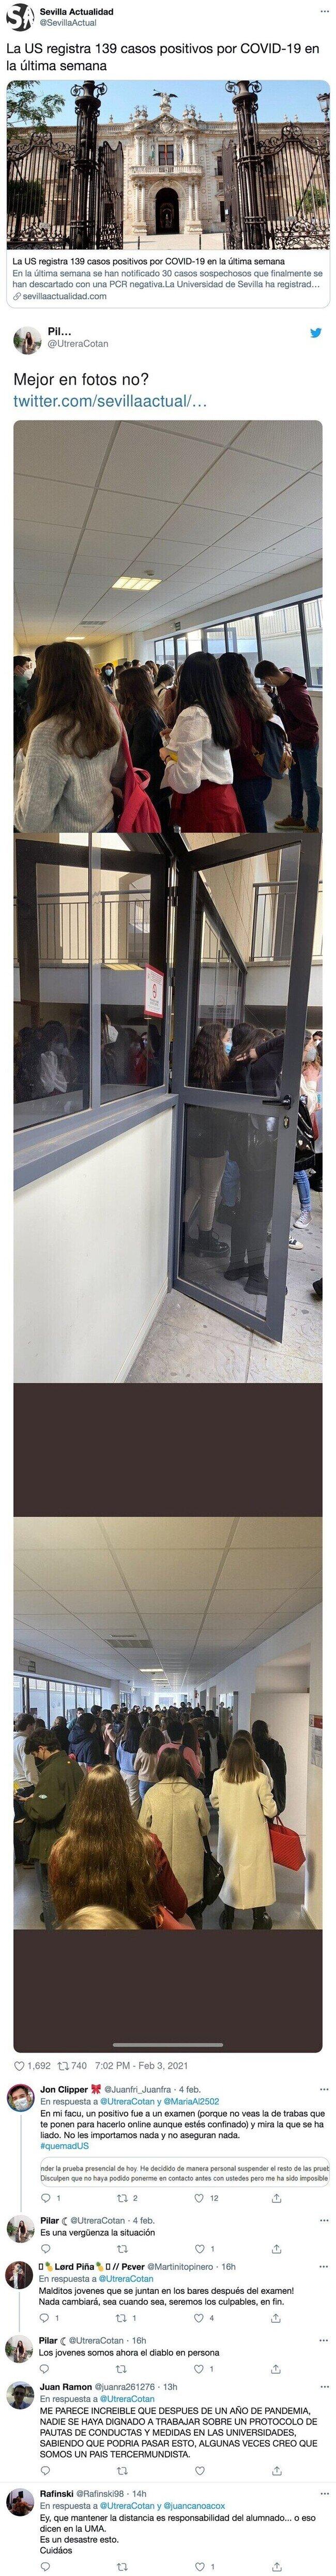 22177 - Los universitarios están indignadísimos después de ver estas fotos y el brote de contagios en la Universidad de Sevilla: y aquí está el porqué